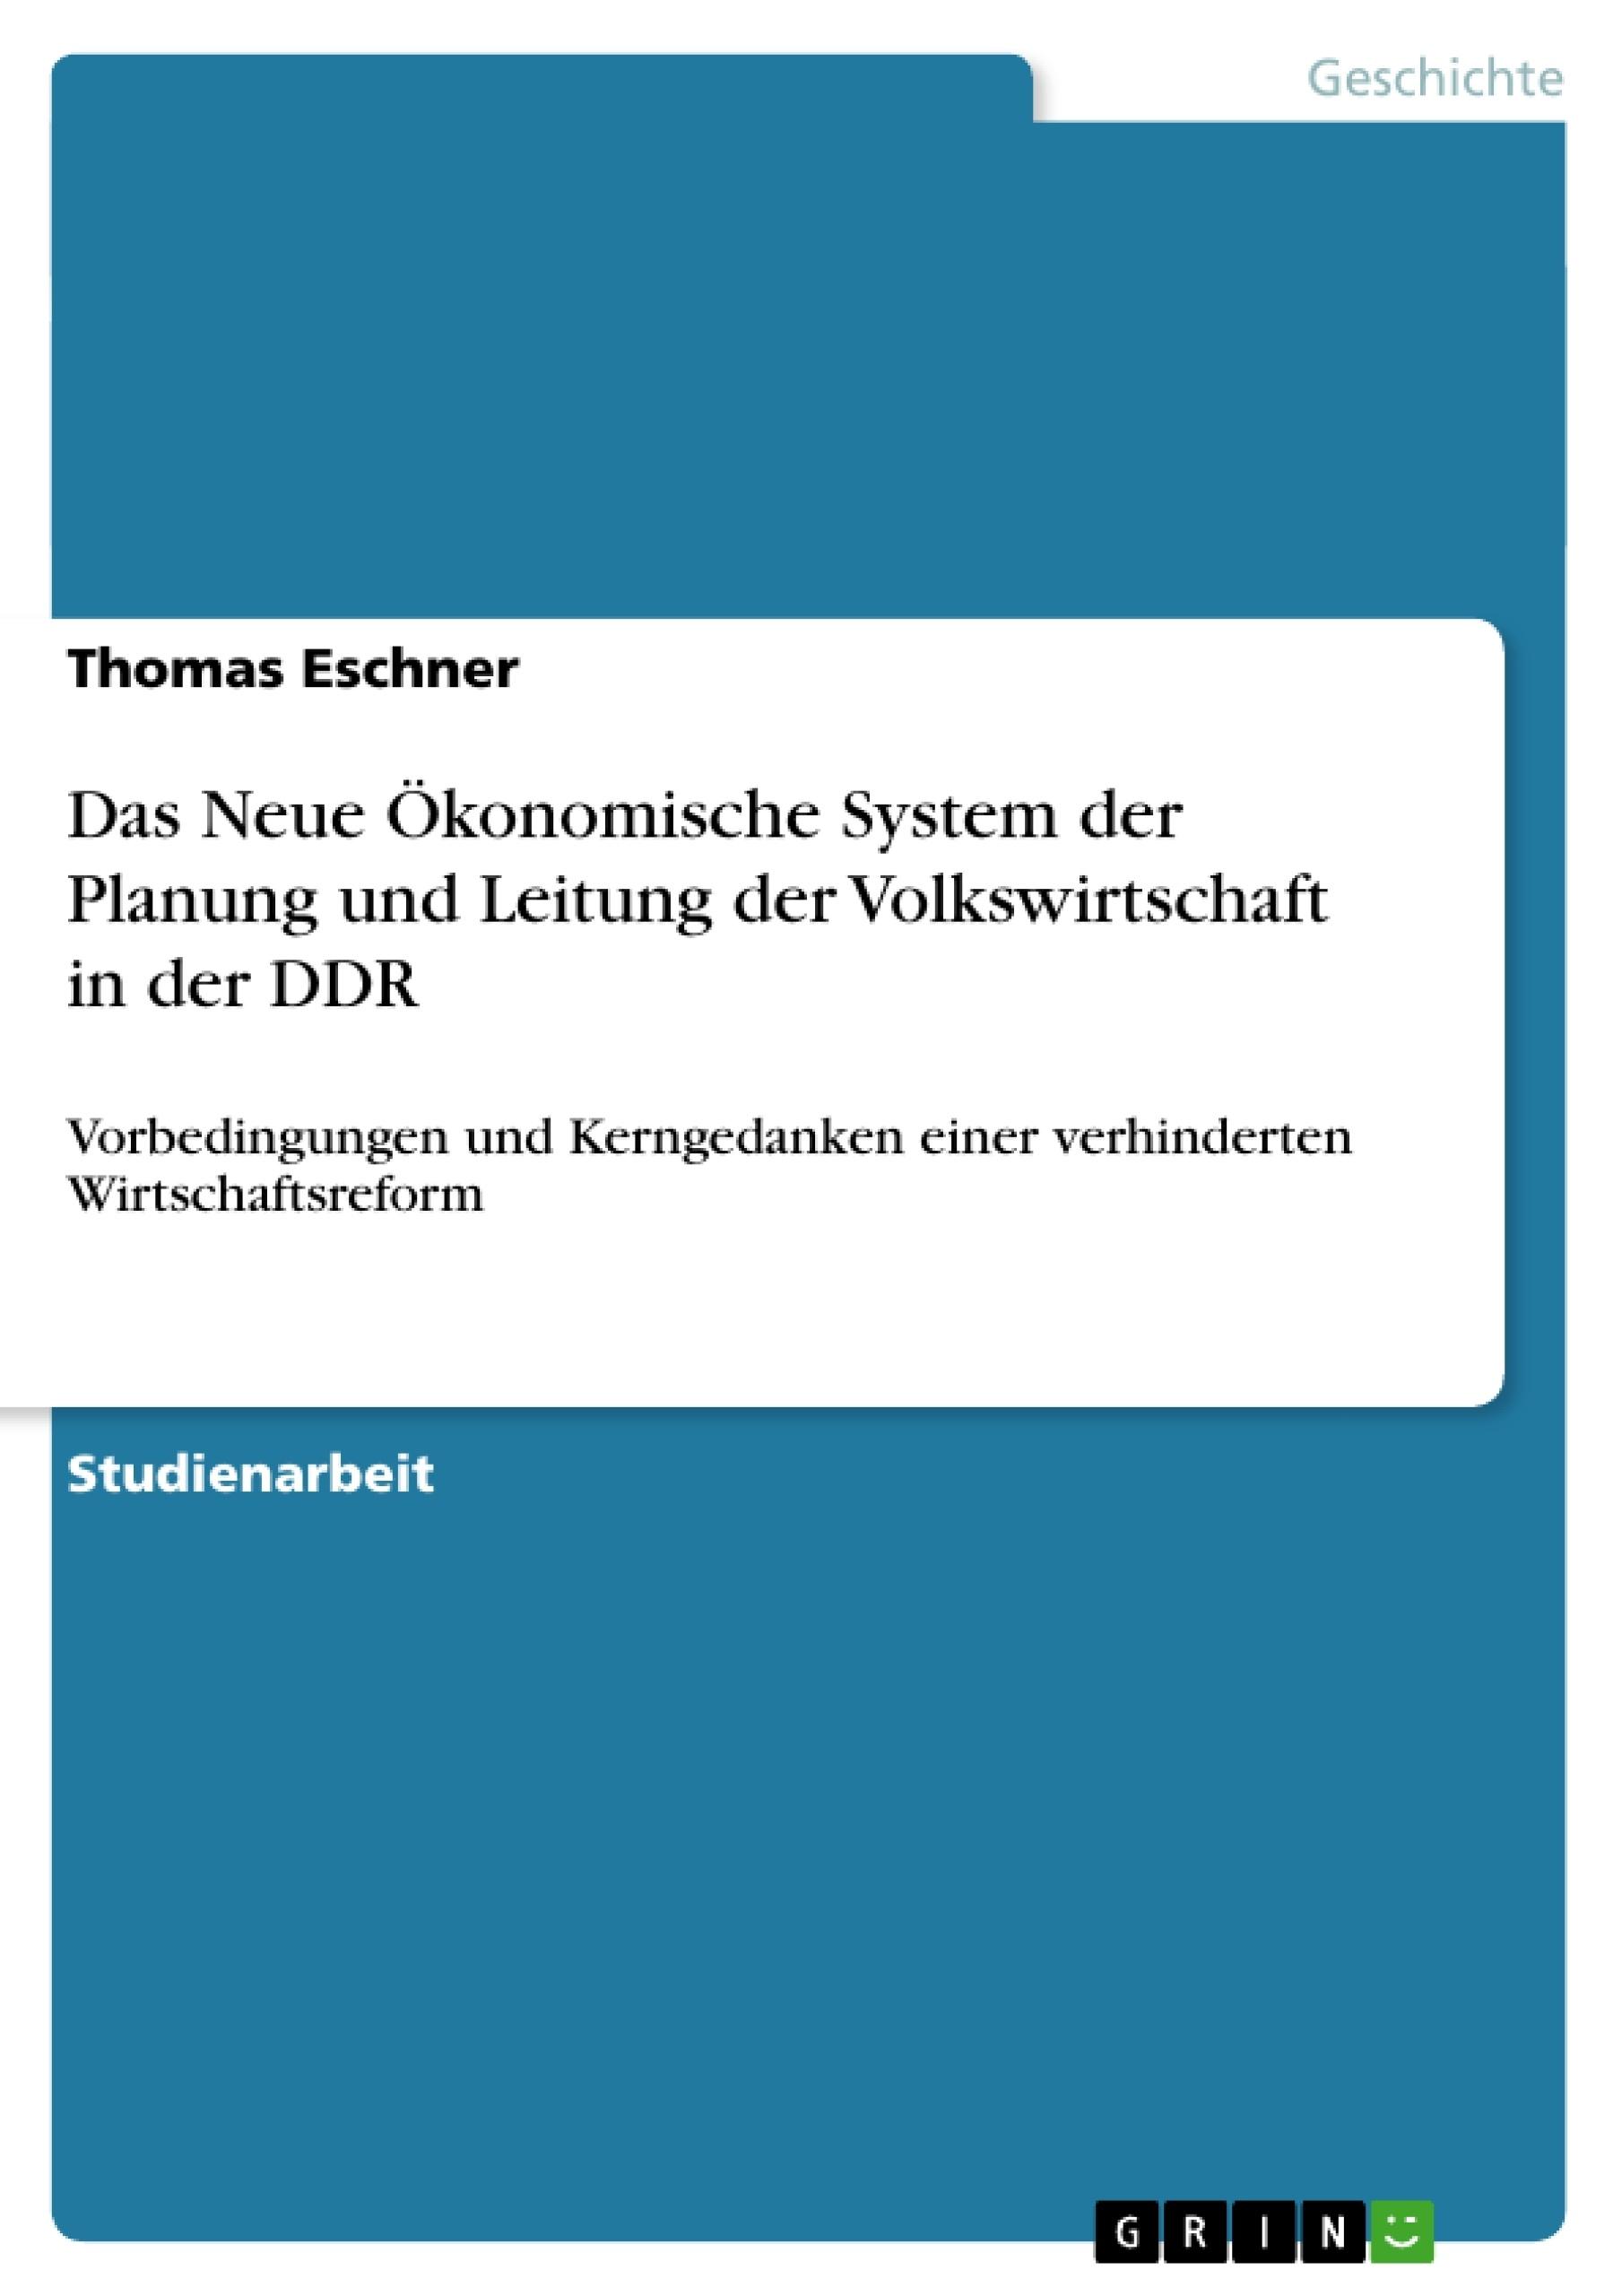 Titel: Das Neue Ökonomische System der Planung und Leitung der Volkswirtschaft in der DDR